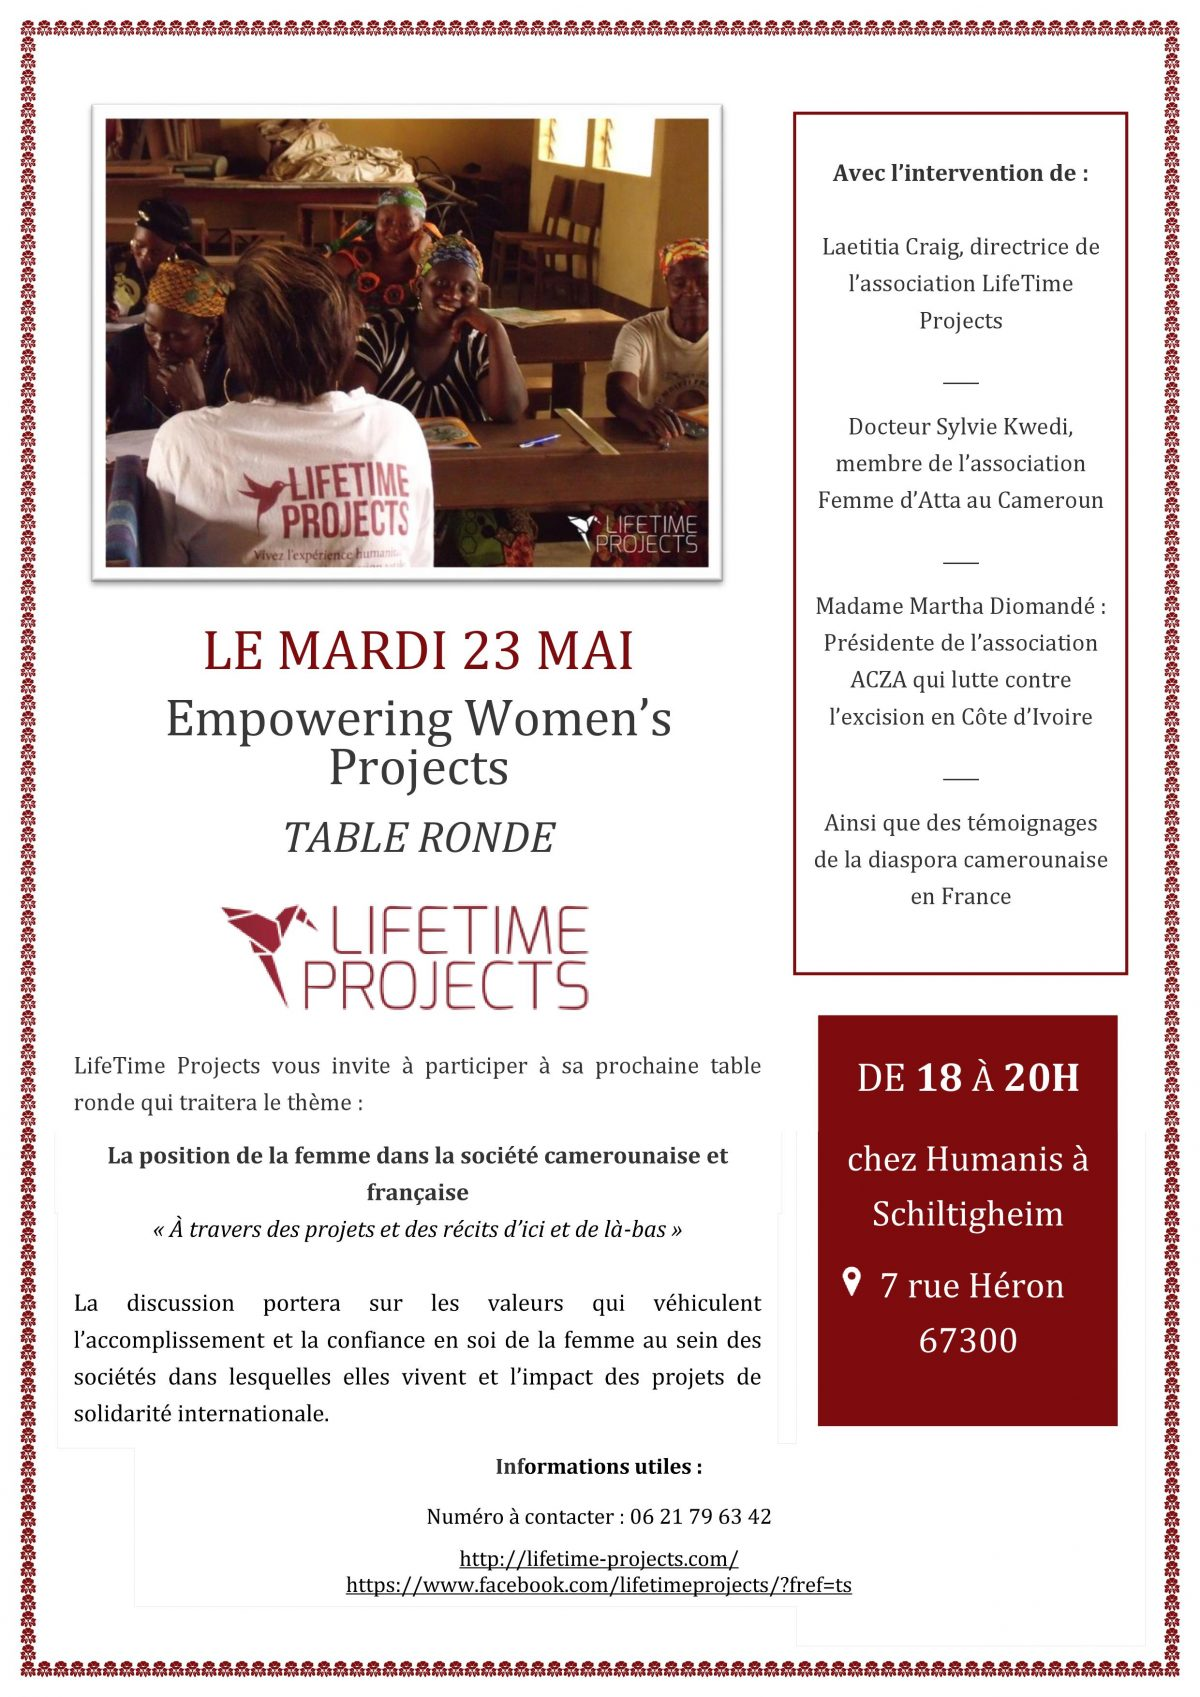 Empowering Women's Projects Table Ronde chez Humanis, Collectif d'Associations de Solidarité Internationale à Schiltigheim